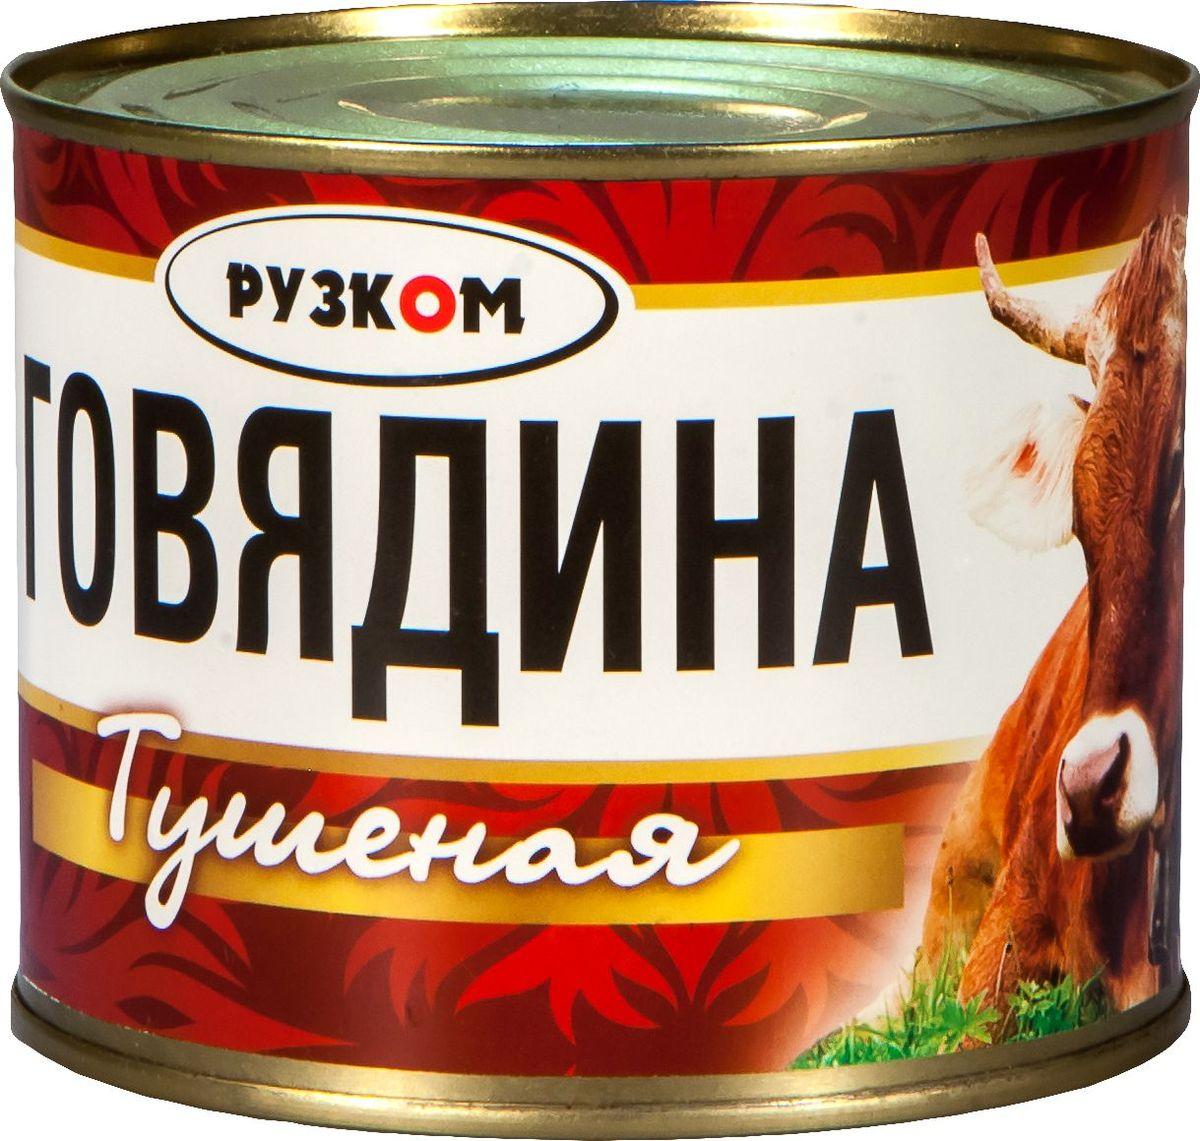 Рузком Говядина тушеная высший сорт ГОСТ, 525 г